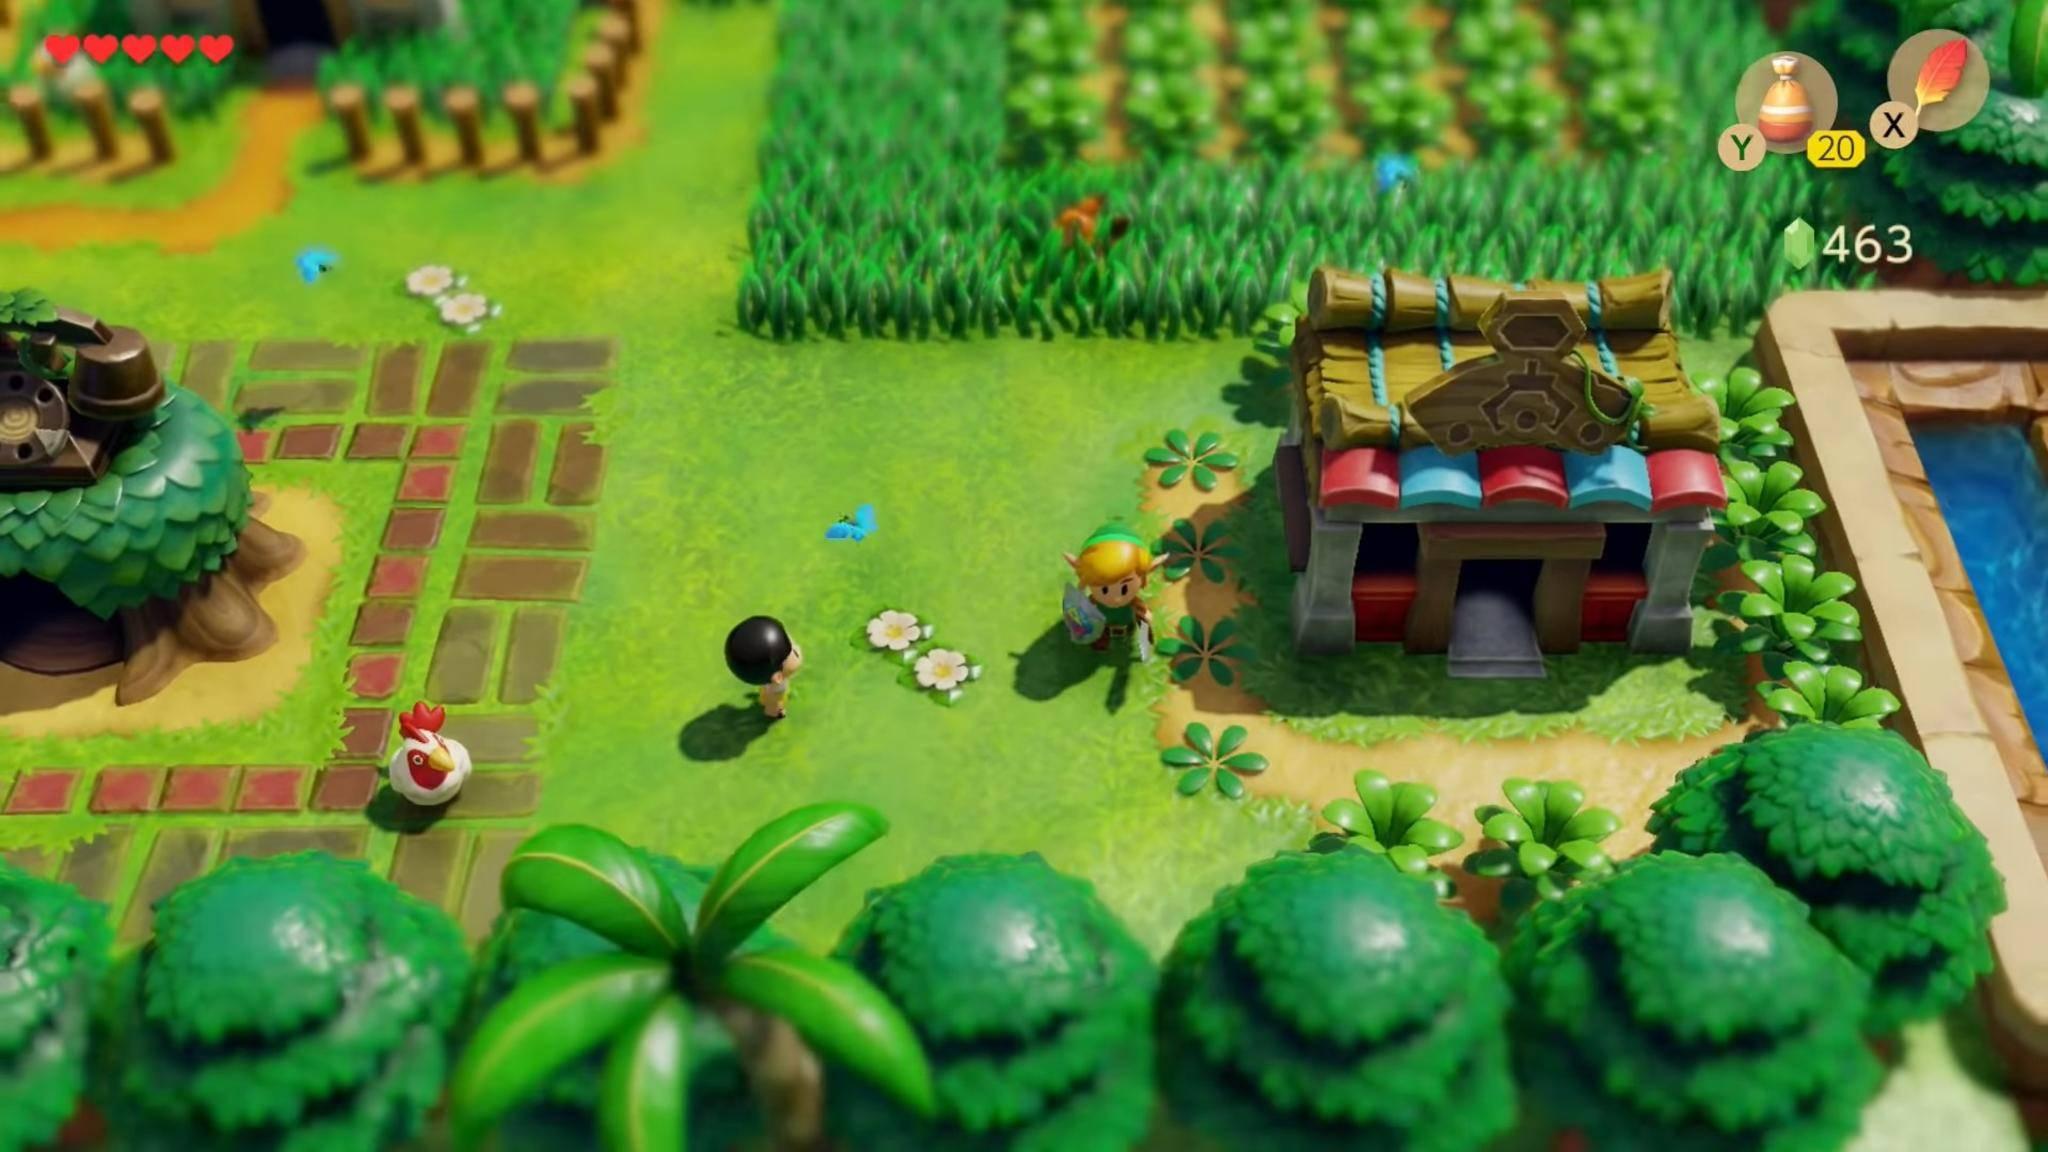 Zelda Links Awakening Limited Edition Kommt Mit Game Boy Steelbook